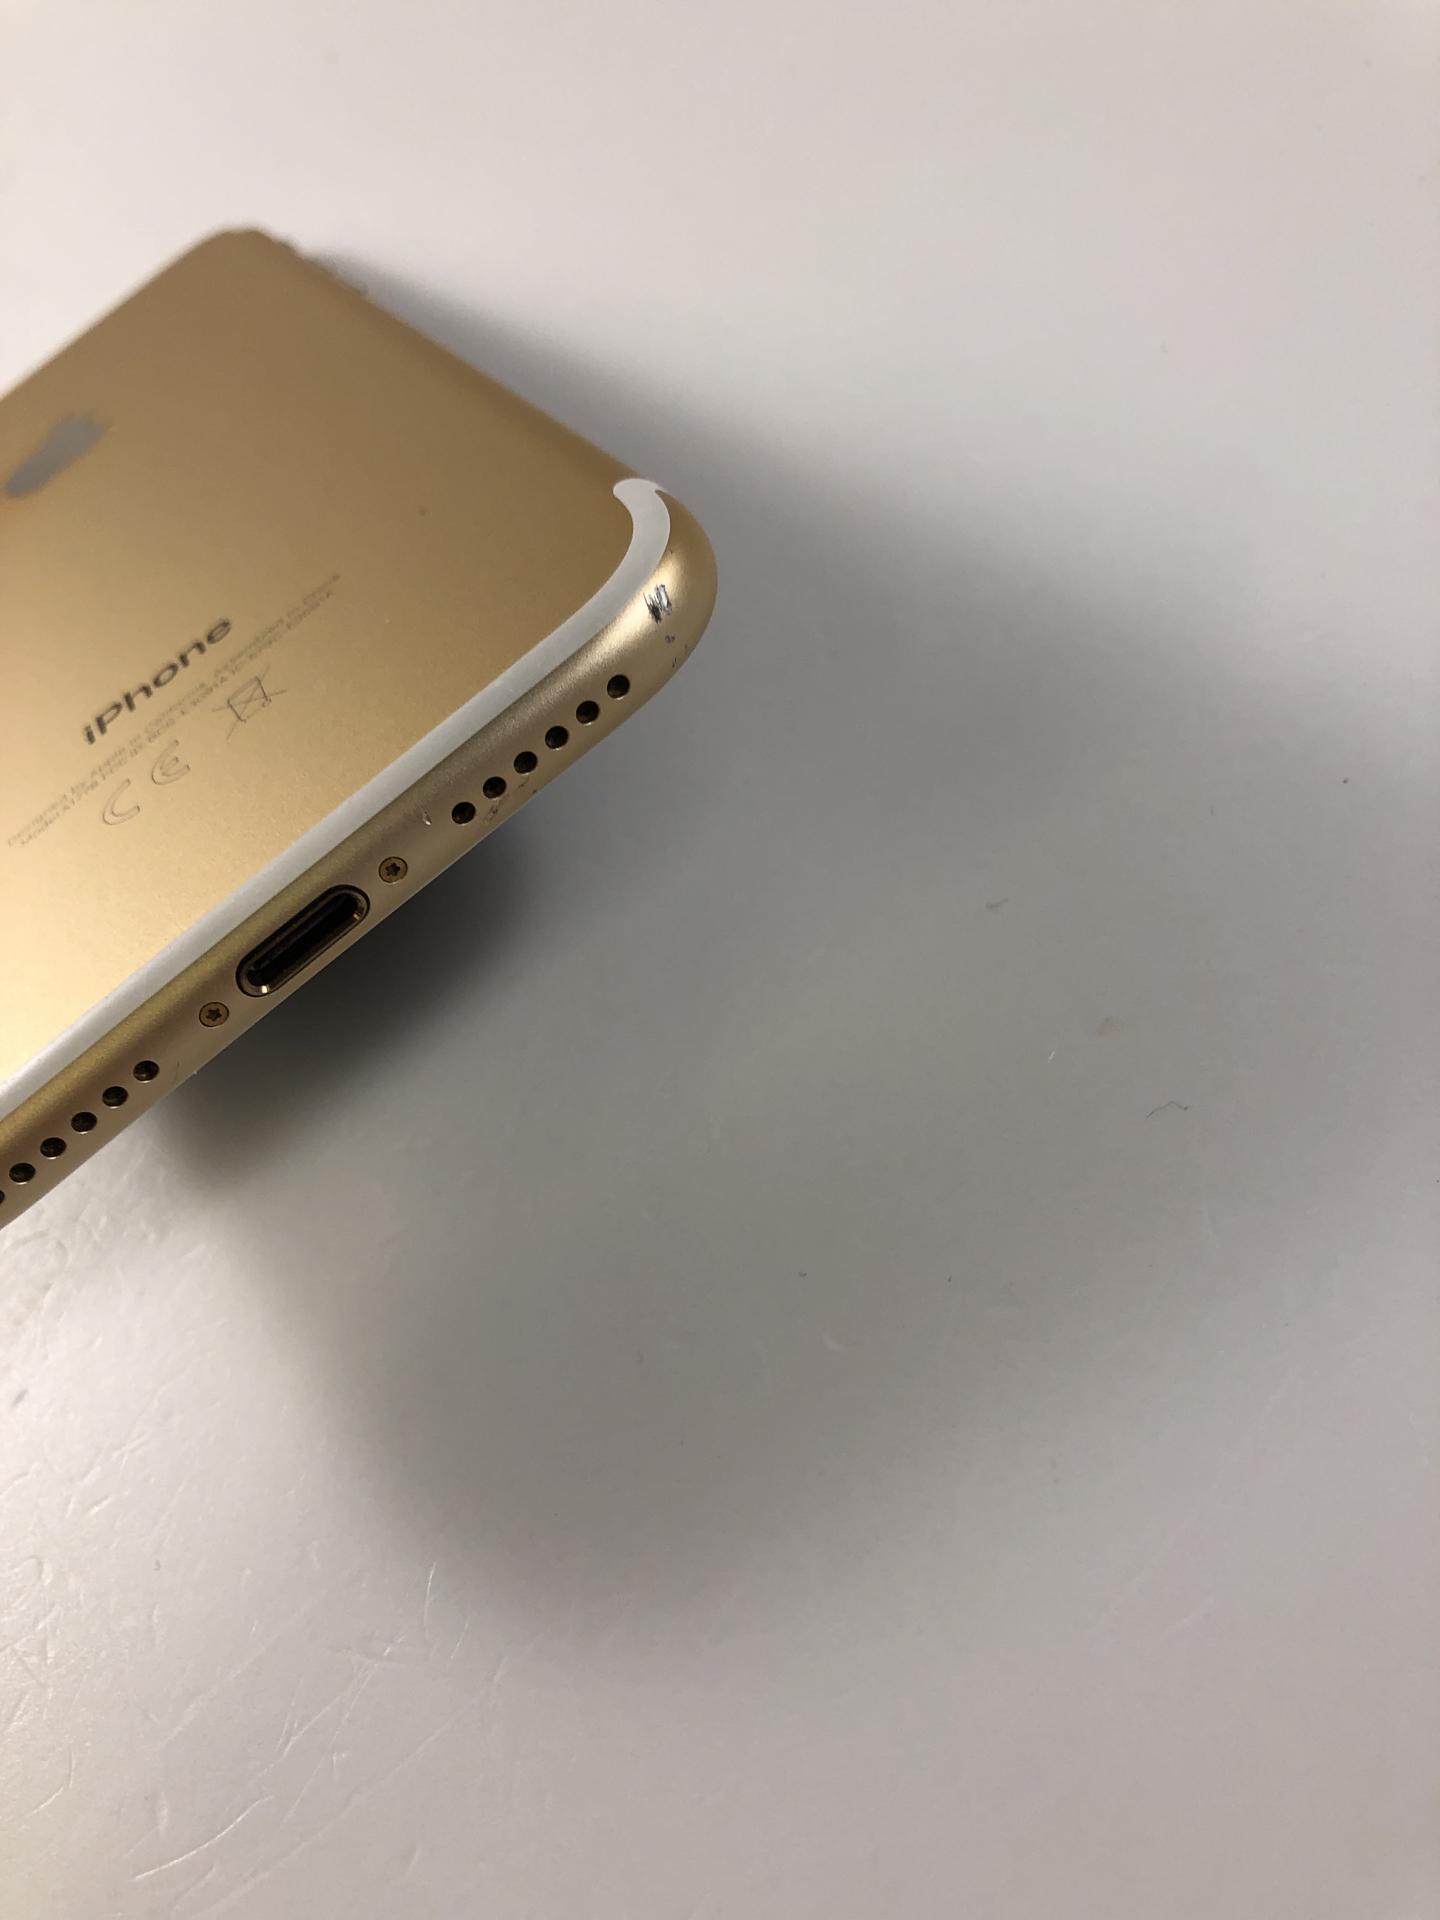 iPhone 7 32GB, 32GB, Gold, bild 3